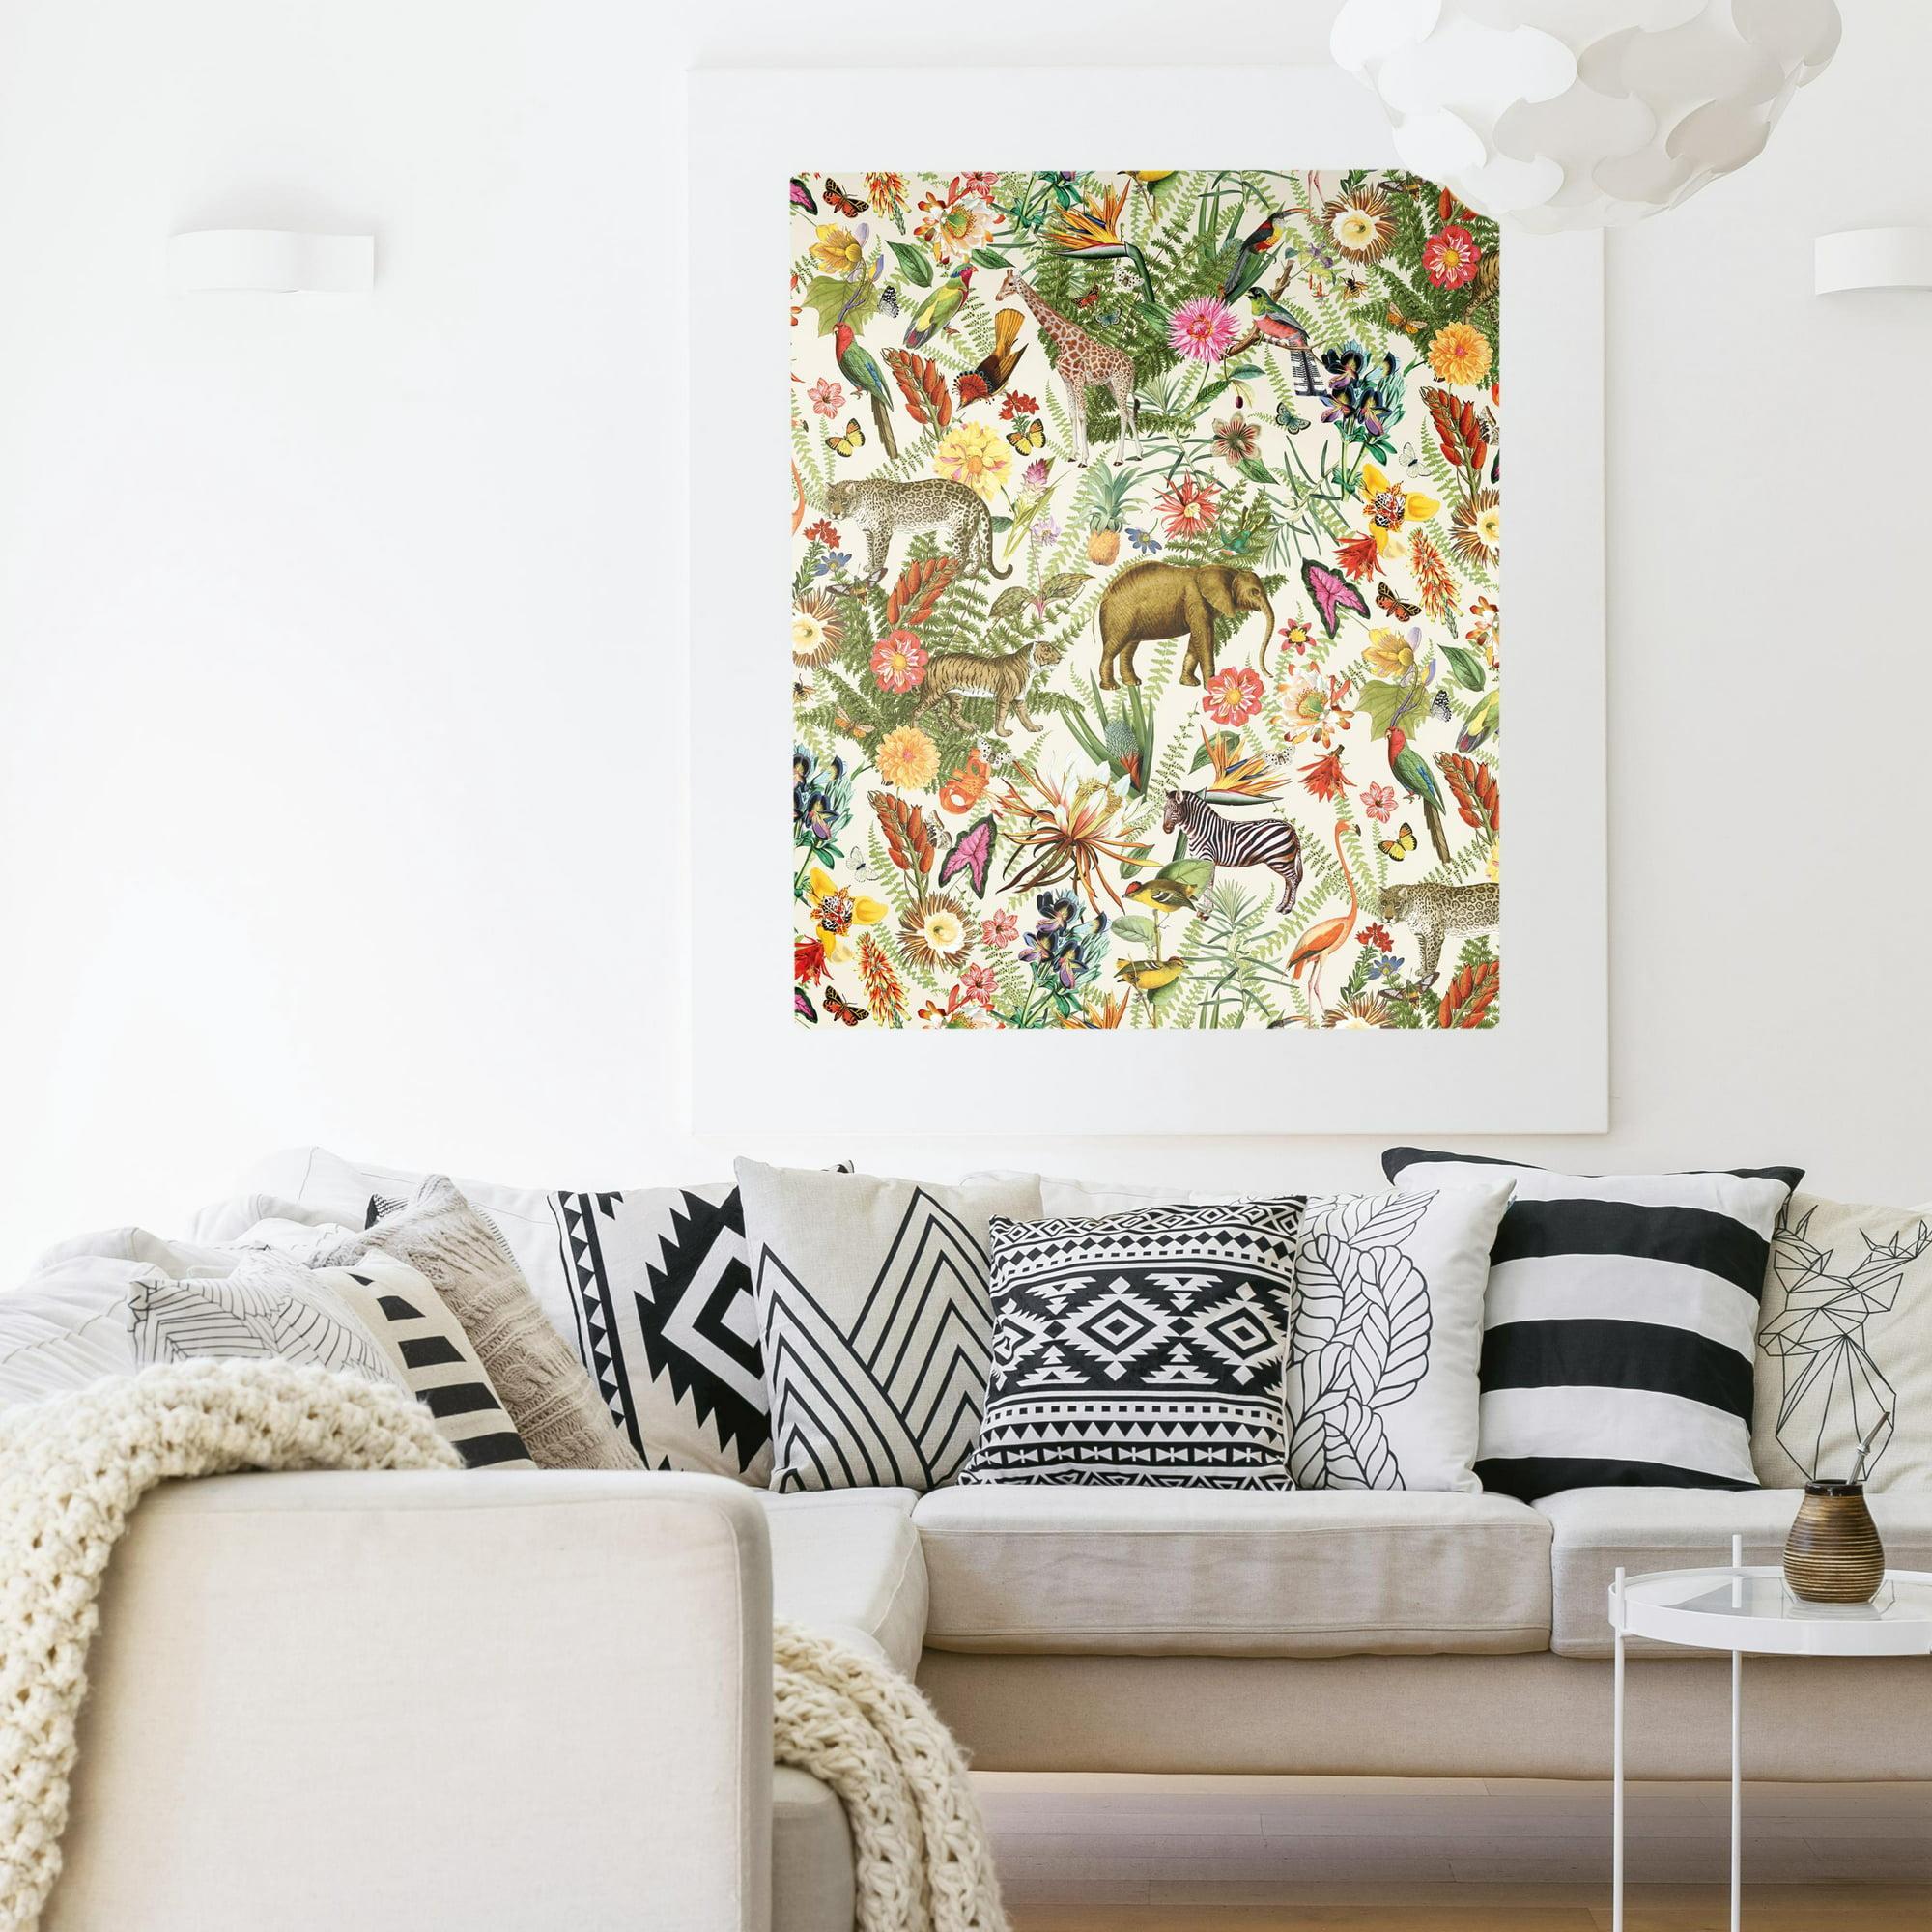 Roommates Tropical Zoo Peel And Stick Wallpaper Walmart Com Walmart Com